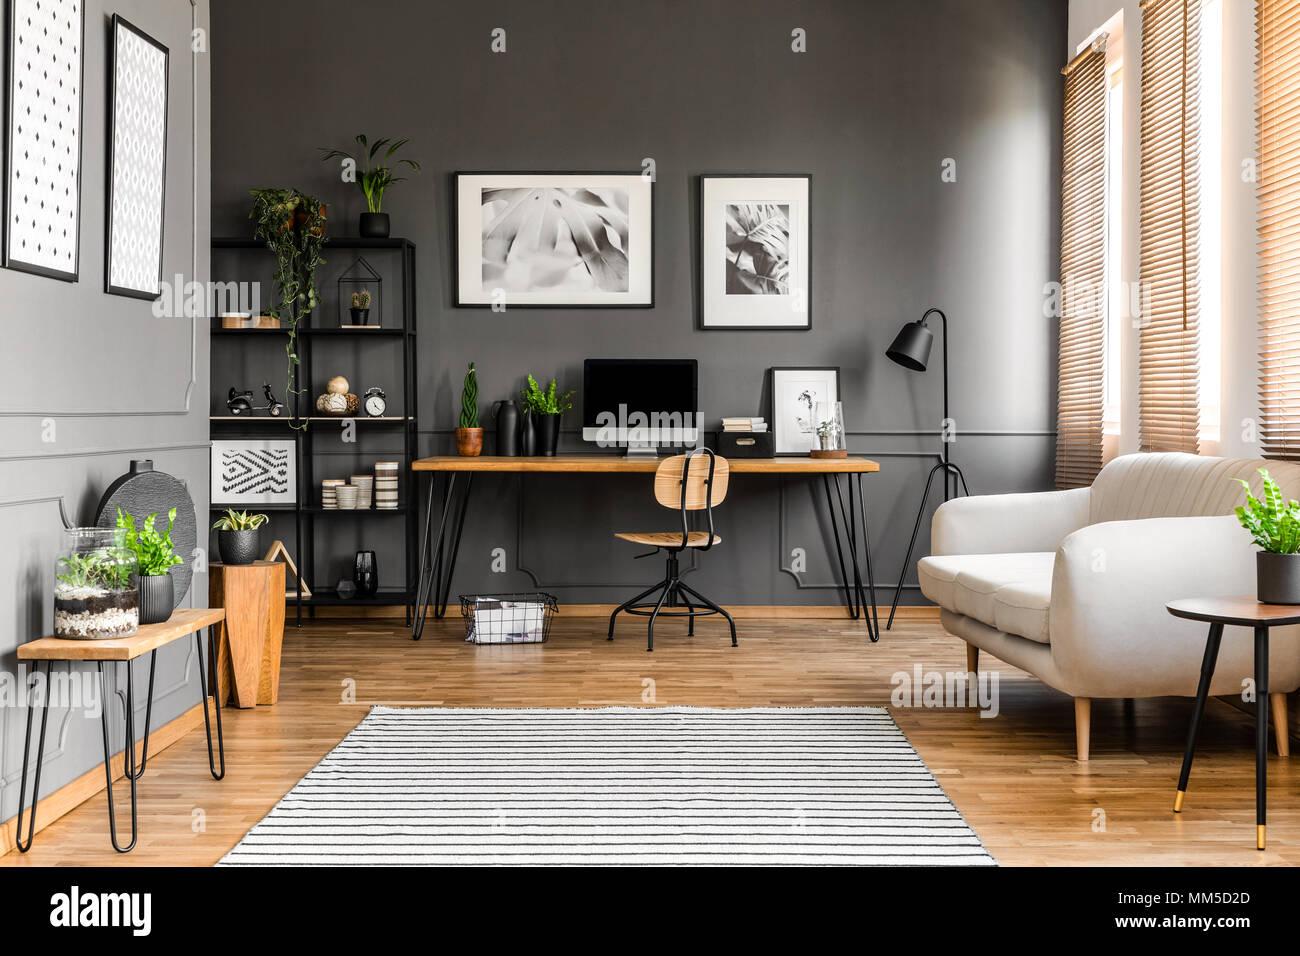 Camilla Beige cerca del escritorio de madera con monitor de ordenador en la habitación del freelancer gris con carteles y plantas de interior Imagen De Stock